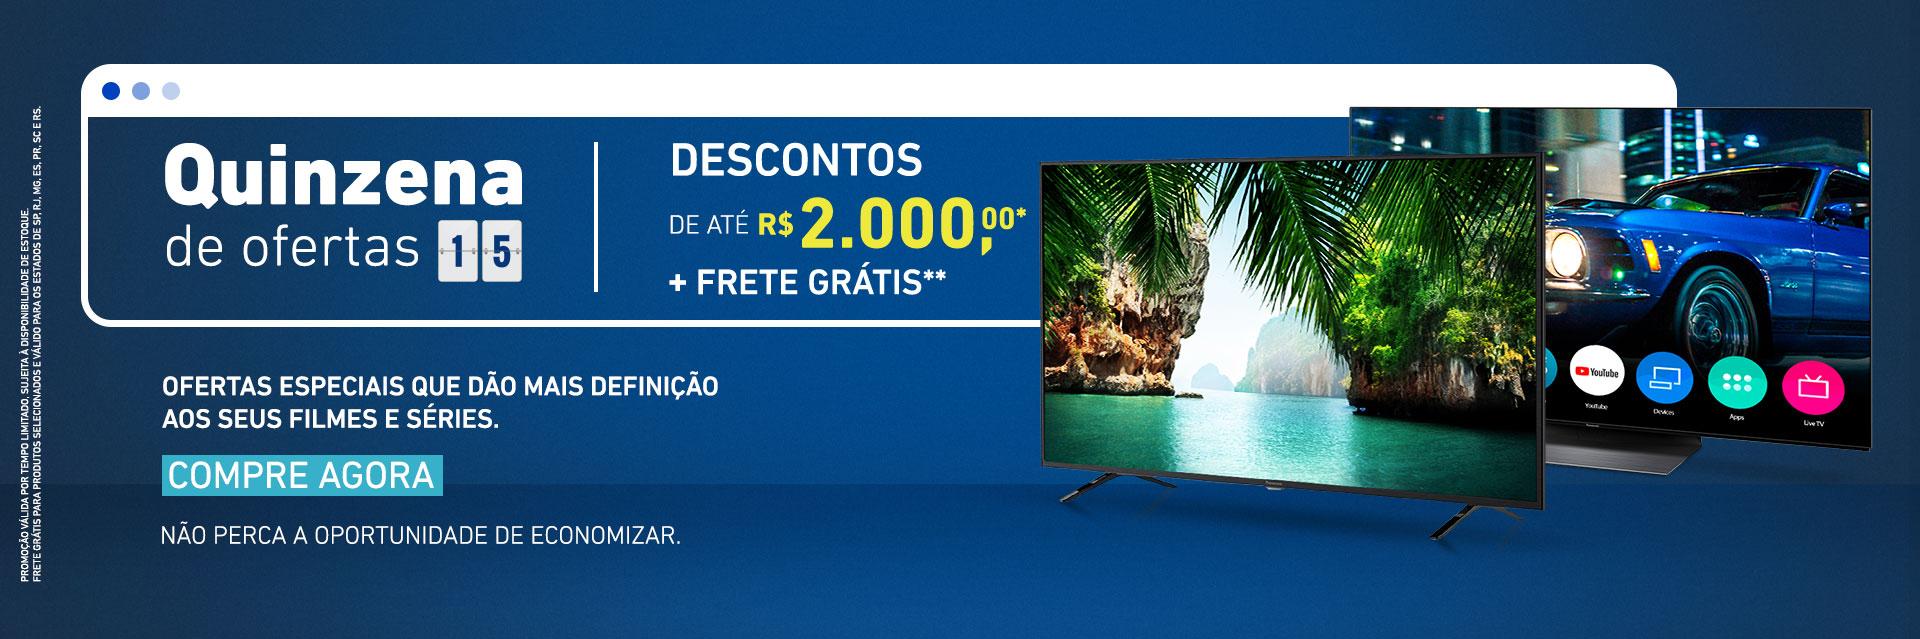 quinzena-ofertas-TV